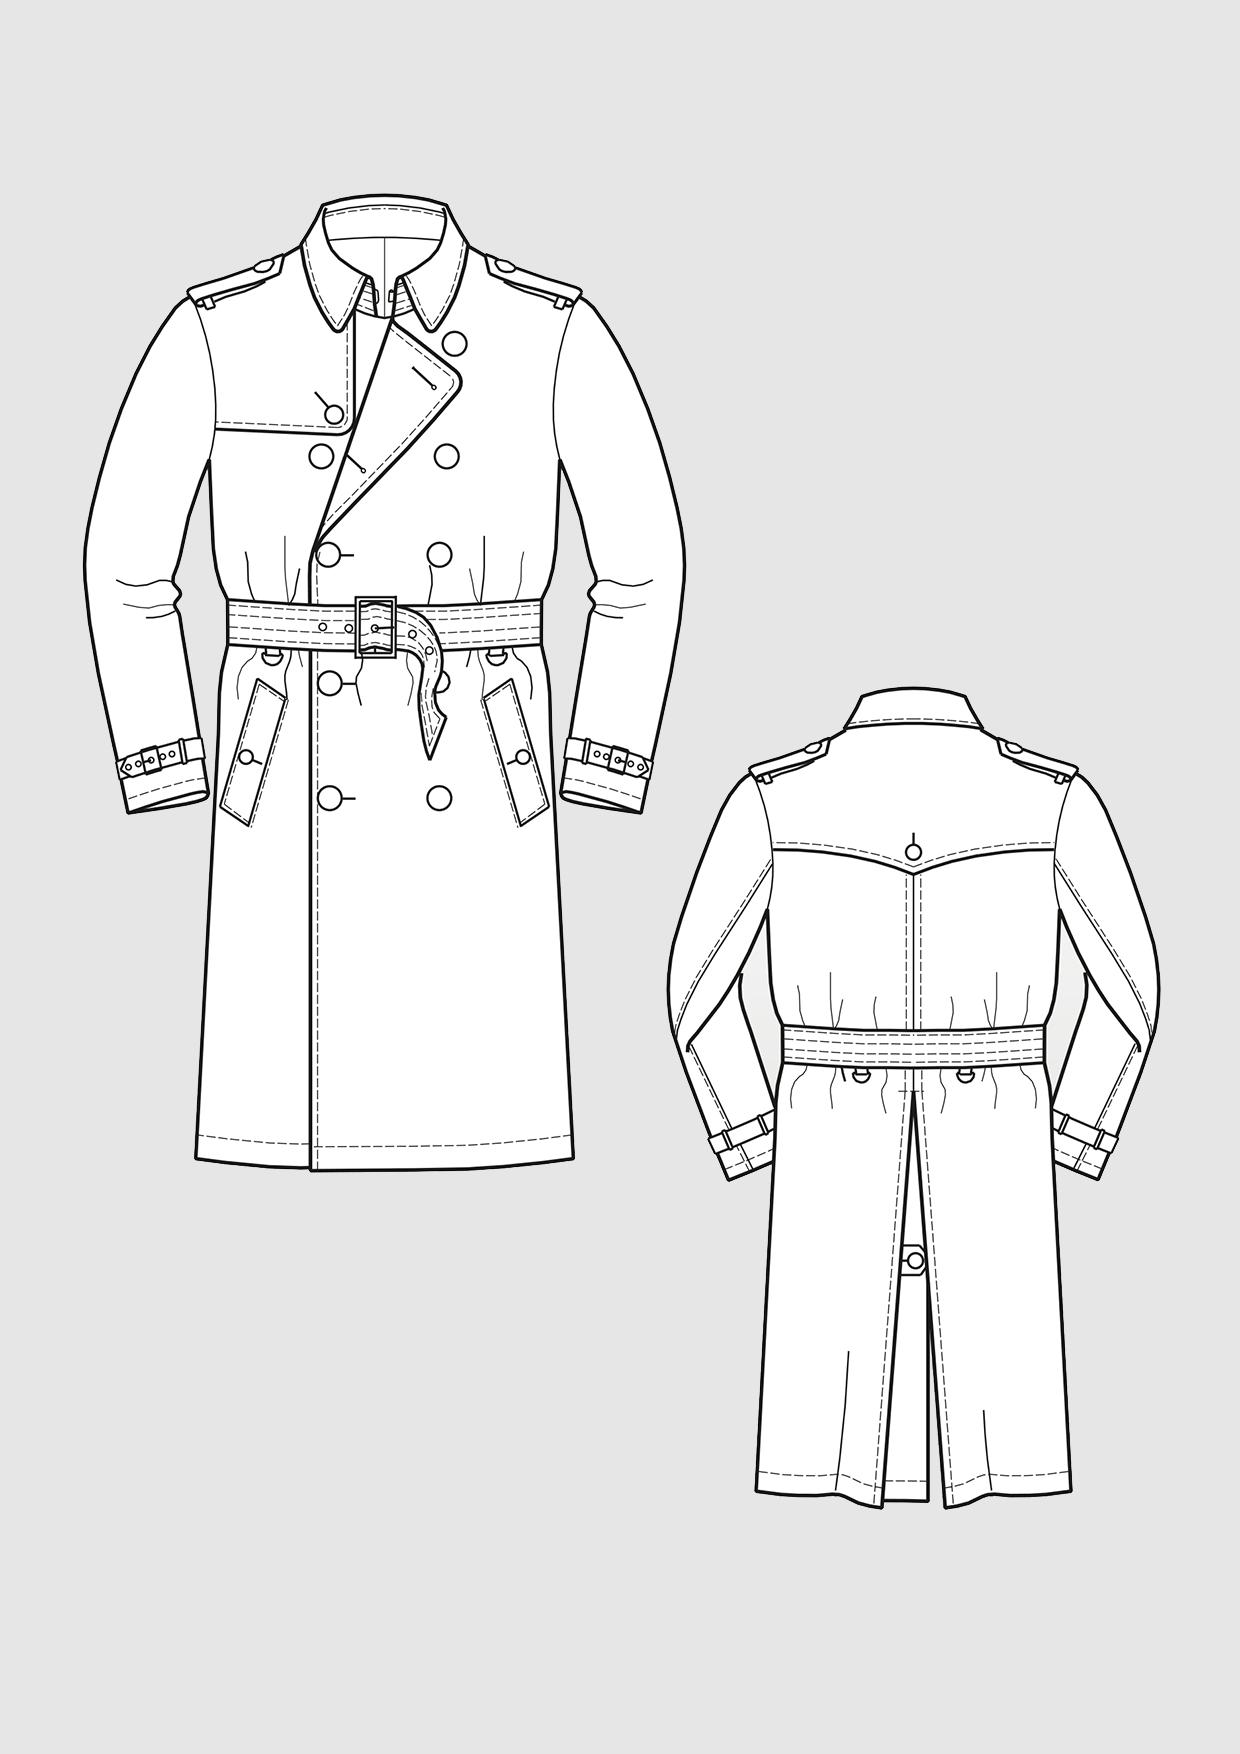 Produkt: Schnittmuster Trenchcoat für Herren